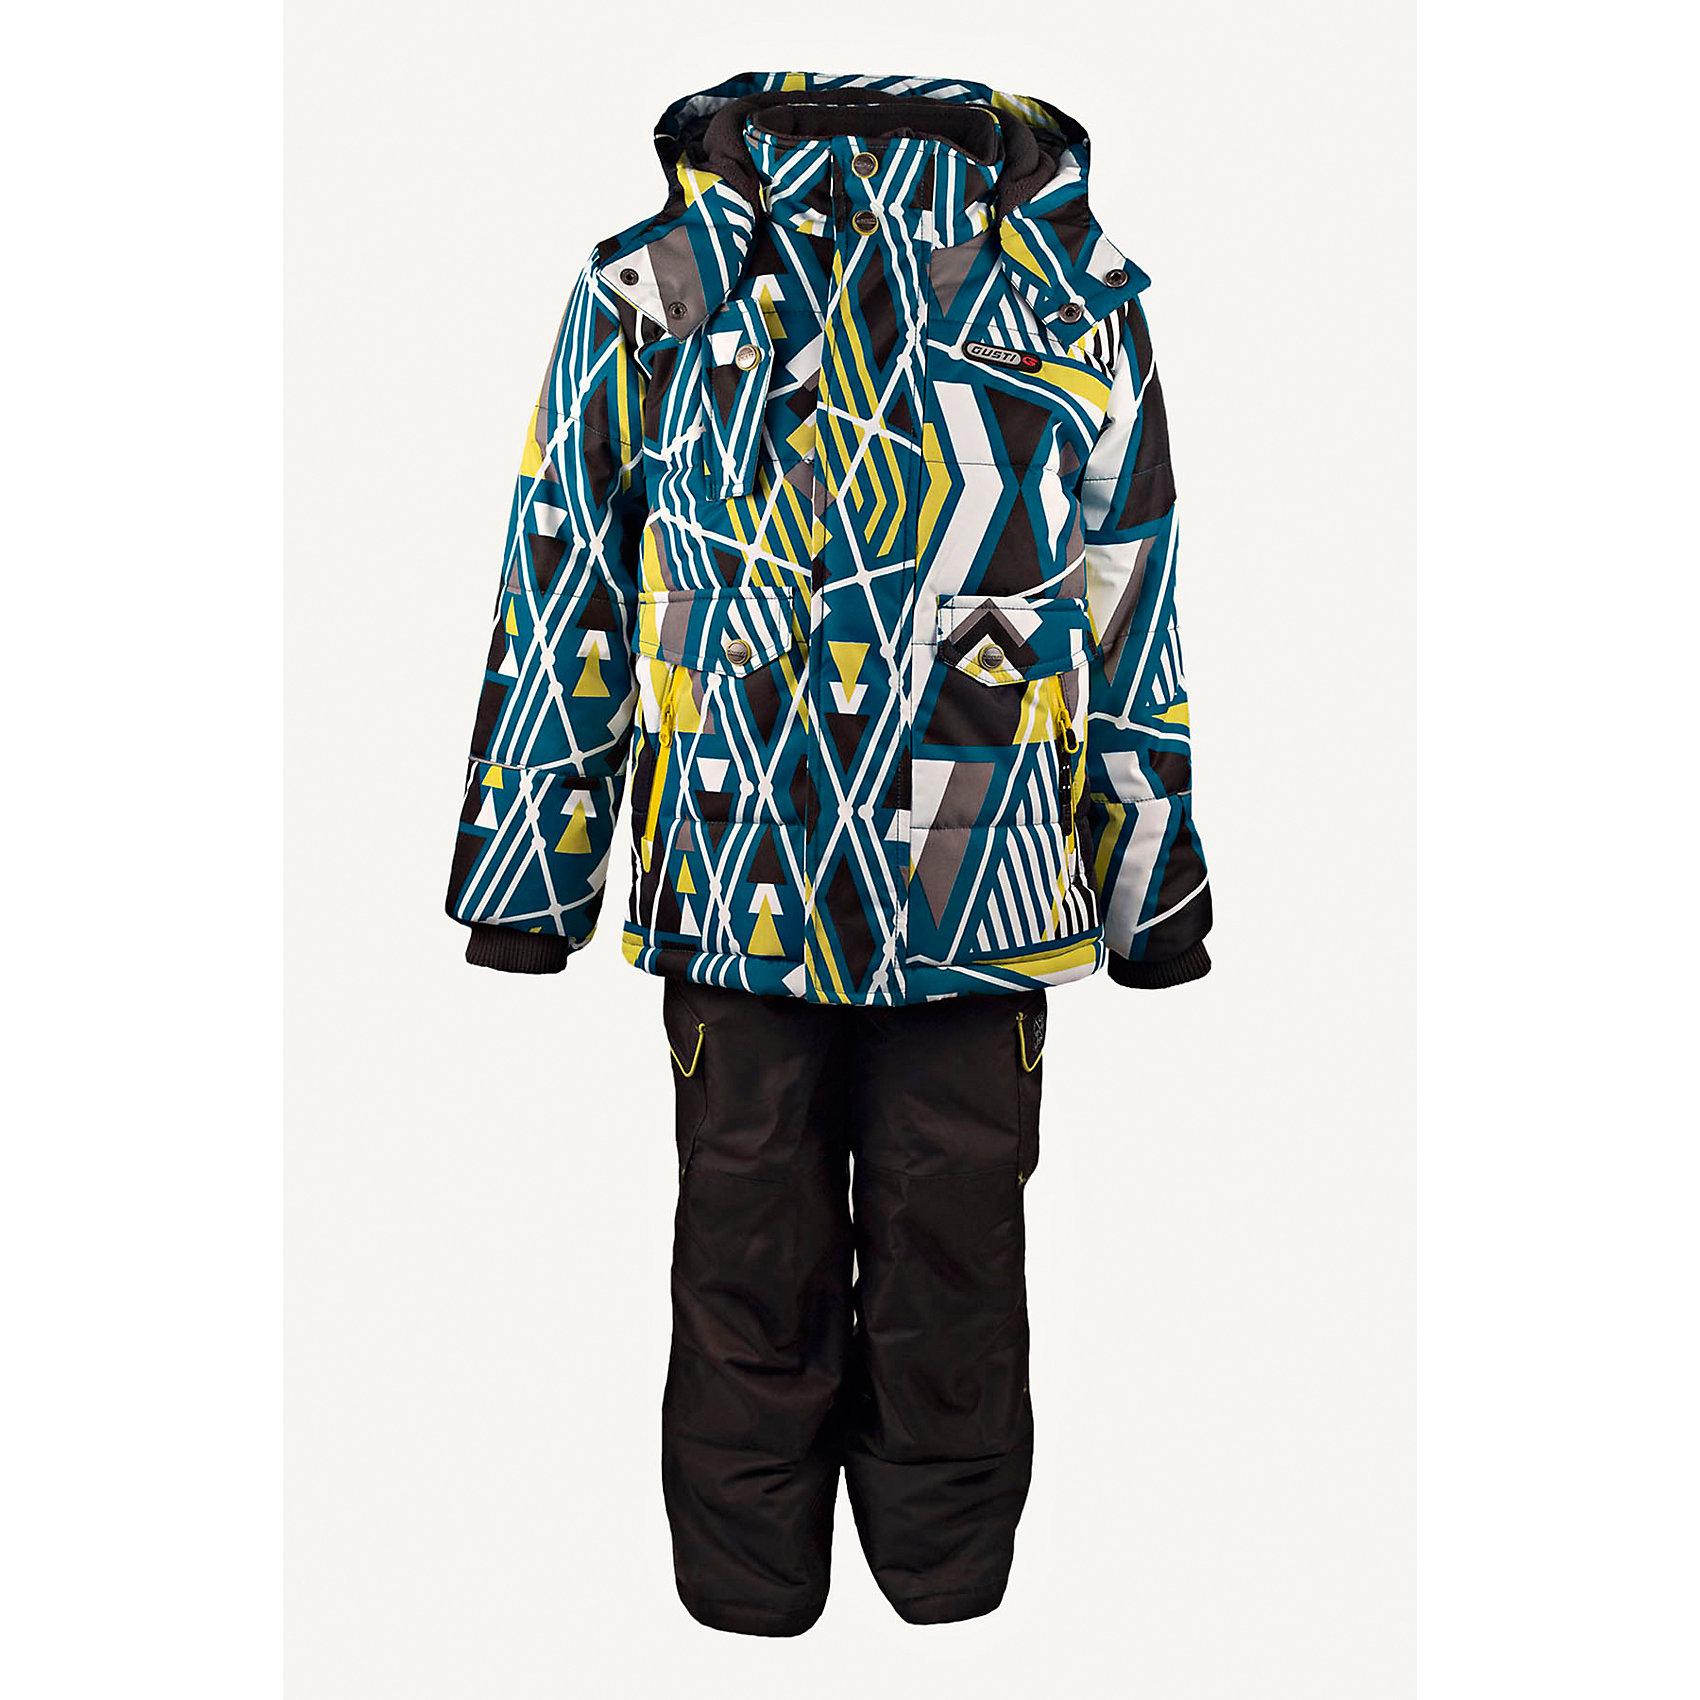 Комплект: куртка и полукомбинезон GUSTIВерхняя одежда<br>Комплект: куртка и полукомбинезон GUSTI (ГУСТИ) – это идеальный вариант для суровой зимы с сильными морозами.<br><br>Температурный режим: до -30  градусов. Степень утепления – высокая. <br><br>* Температурный режим указан приблизительно — необходимо, прежде всего, ориентироваться на ощущения ребенка. Температурный режим работает в случае соблюдения правила многослойности – использования флисовой поддевы и термобелья.<br><br>Комплект от GUSTI (ГУСТИ) состоит из куртки и полукомбинезона прямого кроя, выполненных из плотного непромокаемого материала с защитной от влаги мембраной 5000 мм. Тань хорошо сохраняет тепло, отталкивает влагу и позволяет коже ребенка дышать. Утеплитель из тек-полифилла и флисовая внутренняя отделка на груди и на спинке дают возможность использовать комплект при очень низких температурах. Куртка застегивается на молнию с ветрозащитной планкой, имеет боковые карманы на застежках-молниях, снегозащитную юбку, трикотажные манжеты в рукавах, отстёгивающийся прилегающий капюшон с флисовой подкладкой, высокий ворот с защитой подбородка. Низ рукавов регулируется с помощью липучек. Полукомбинезон застегивается на молнию, имеет два накладных кармана с клапанами на липучках, регулируемые лямки, снегозащитные гетры. Длина брючин регулируется (отворот с креплением на липе). Сзади, на коленях, и по низу брючин имеется дополнительный слой ткани Cordura Oxford (сверхстойкий полиэстер). До размера 6х (120 см) у полукомбинезона высокая грудка, в размерах 7 (122 см) - 14 (164см) отстегивающаяся спинка, грудки нет.<br><br>Дополнительная информация:<br><br>- Сезон: зима<br>- Пол: мальчик<br>- Цвет: серый, синий, желтый, черный<br>- Узор: геометрия<br>- Температурный режим до -30 градусов<br>- Материал верха: куртка - shuss 5000мм (100% полиэстер); брюки - taslan 5000мм, накладки Cordura Oxford сзади, на коленях, и по низу брючин<br>- Наполнитель: куртка - тек-полифилл плотностью 283 гр/м (10 унций) 100% полиэс